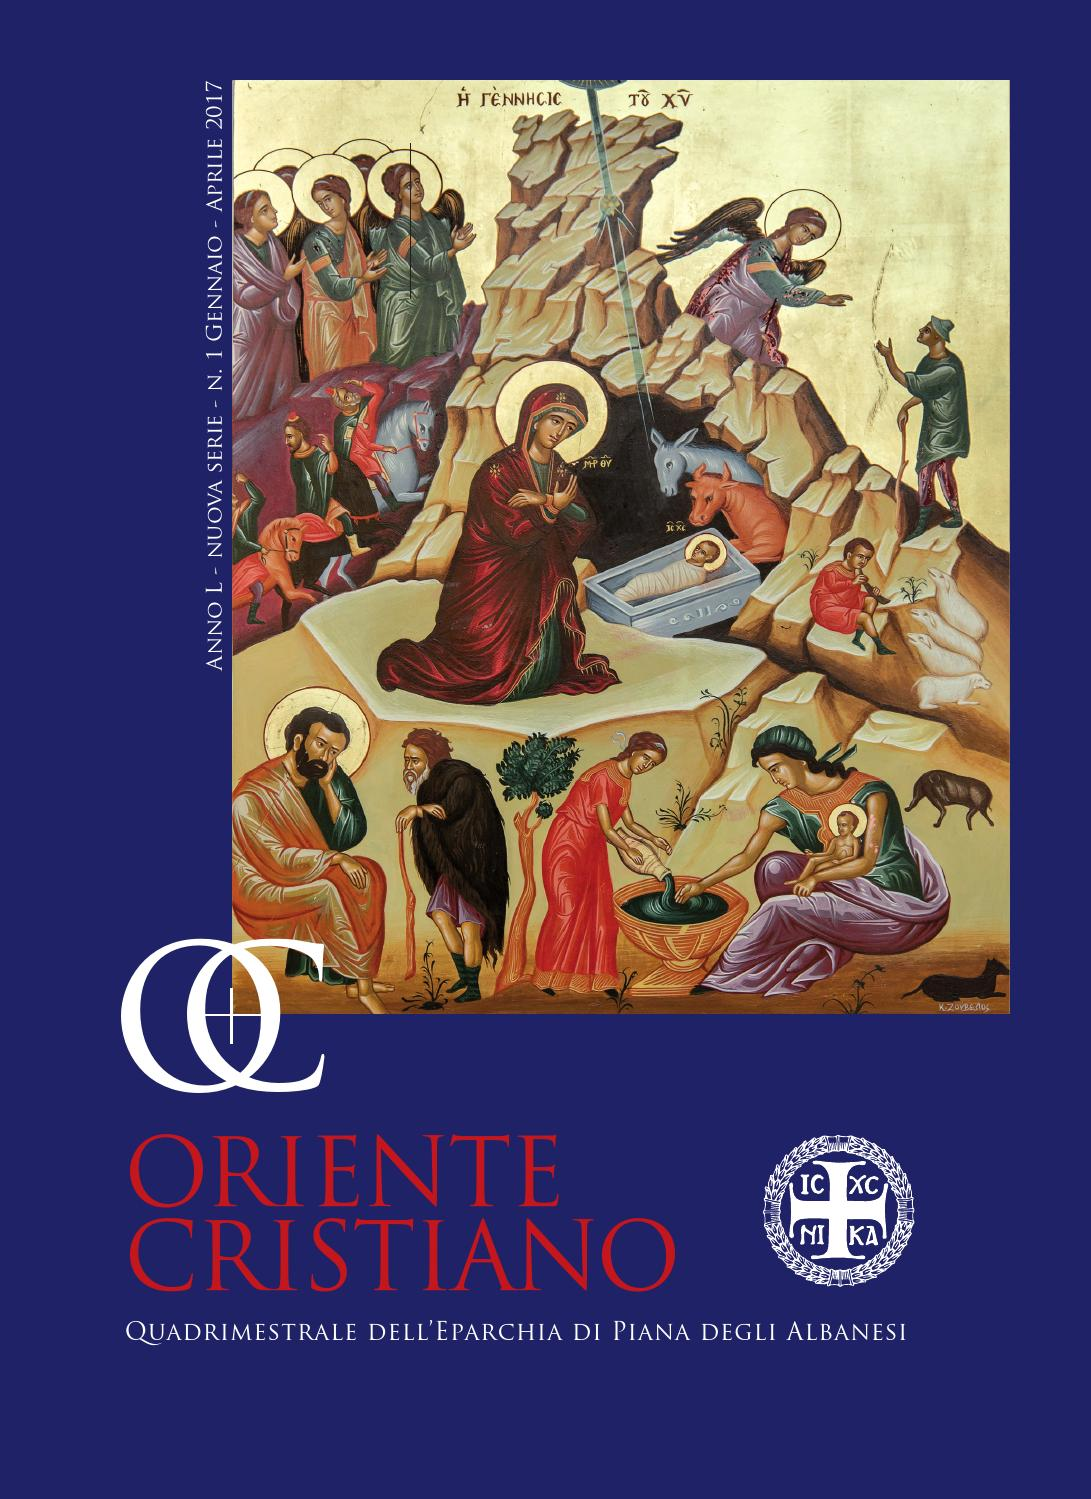 Pentecostale datazione Battista